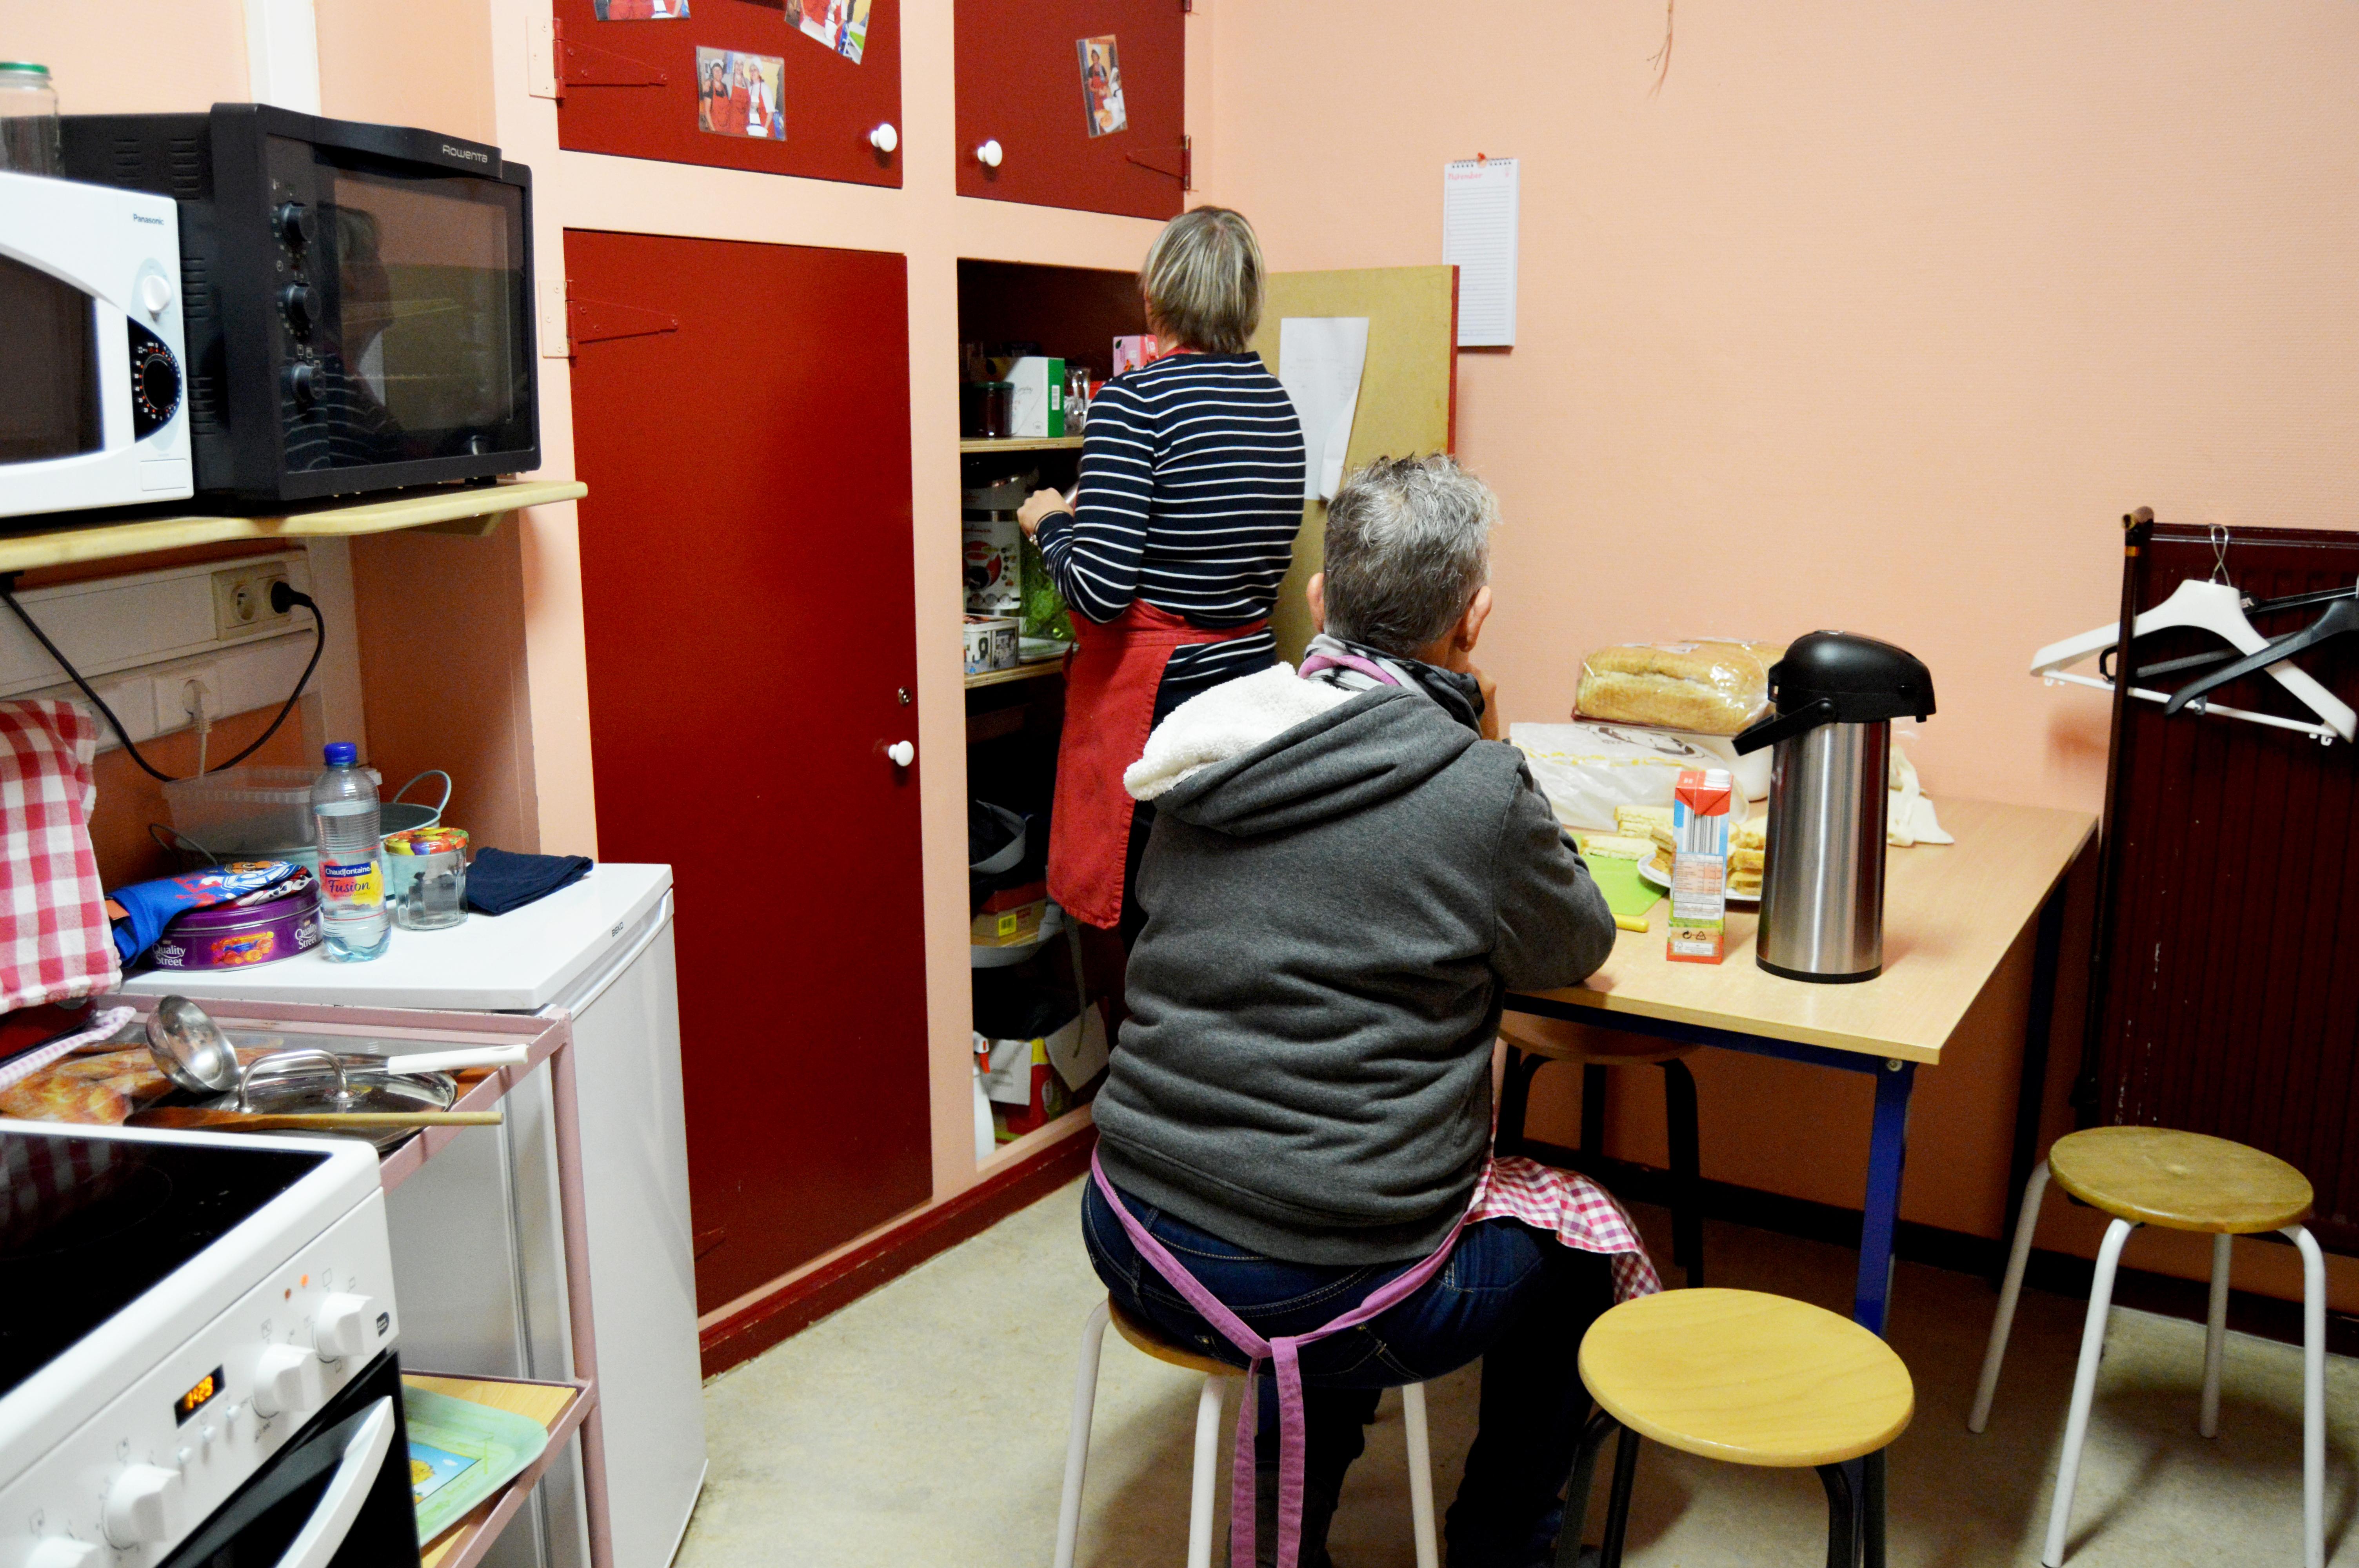 Deux personnes dans la cuisine de l'ASBL en train de préparer le potage du jour.